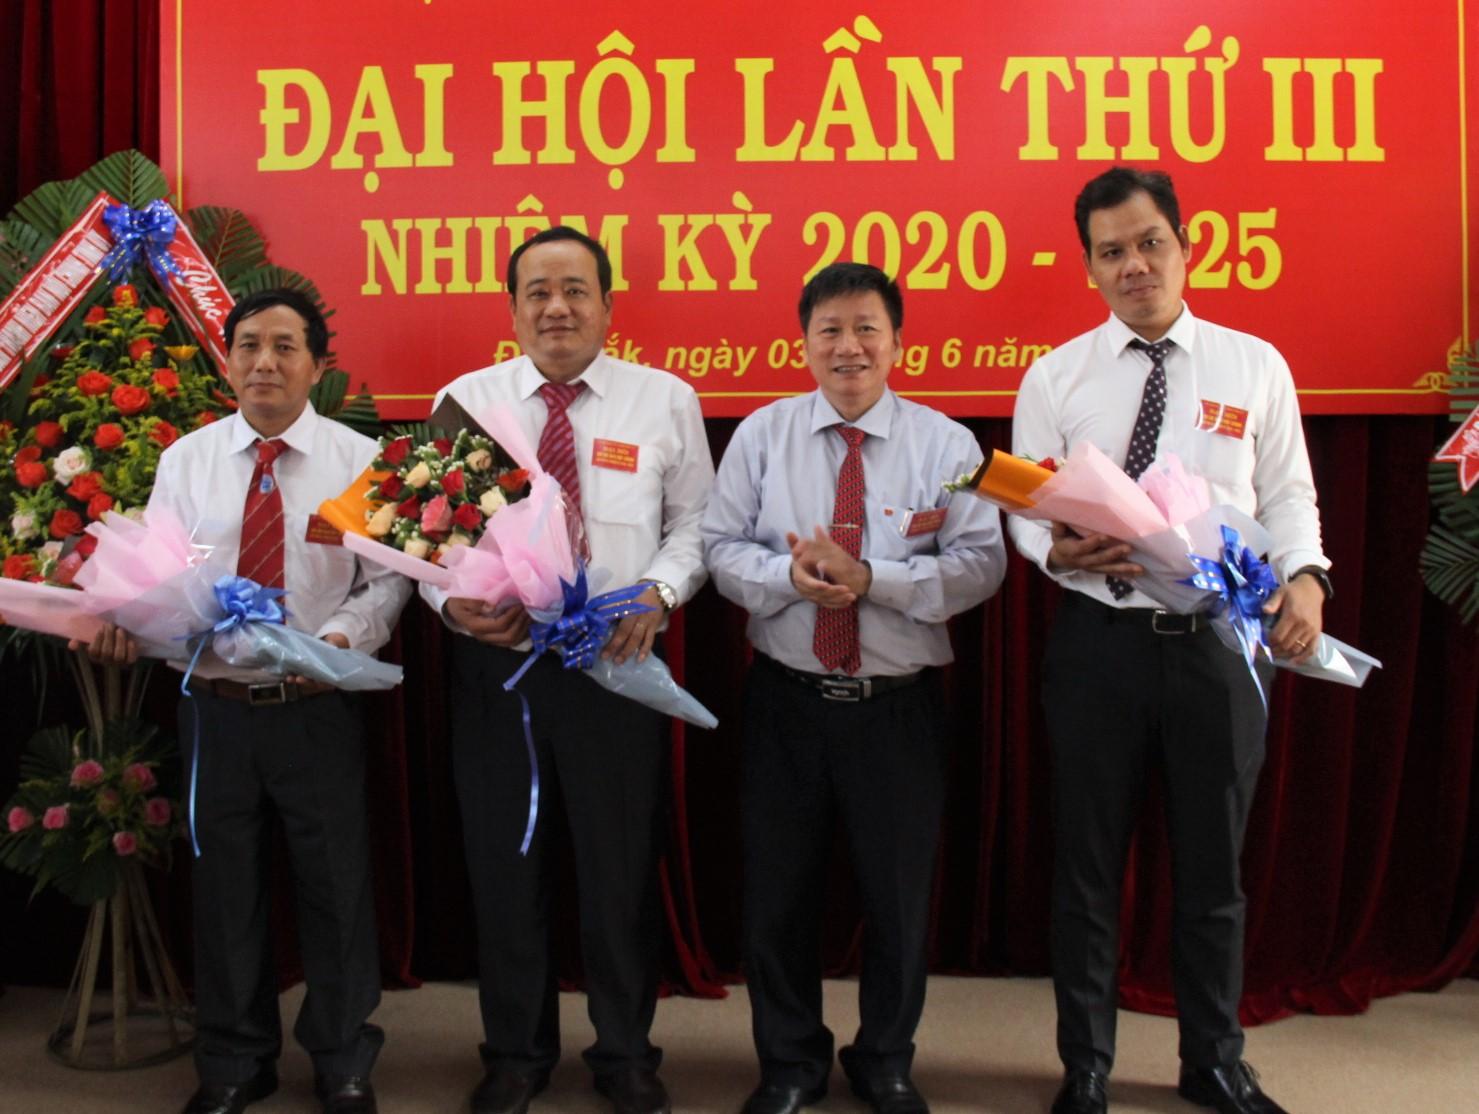 Đại hội Chi bộ Ban Nội chính Tỉnh ủy lần thứ III, nhiệm kỳ 2020-2025